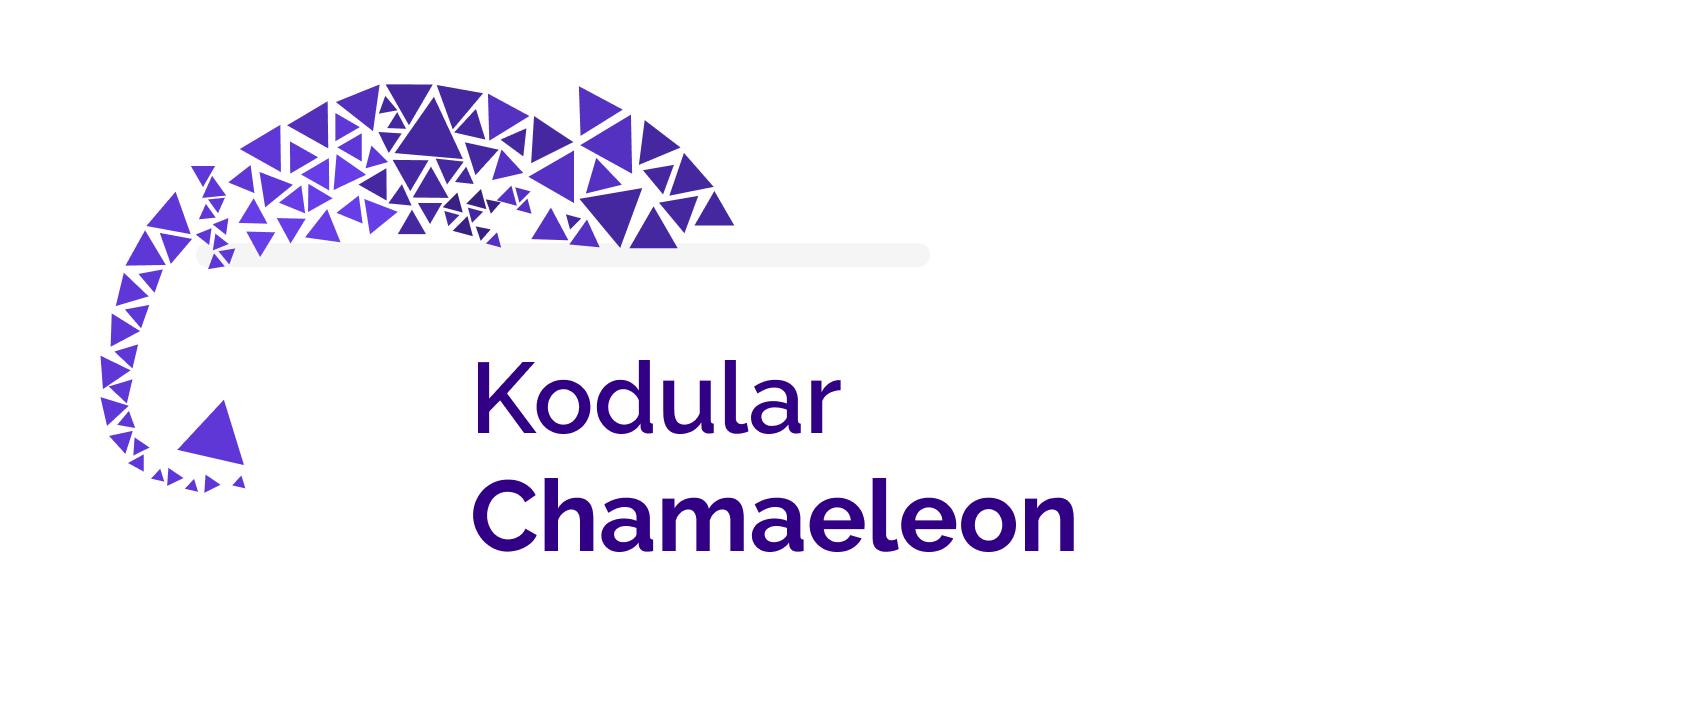 Kodular Chamaeleon